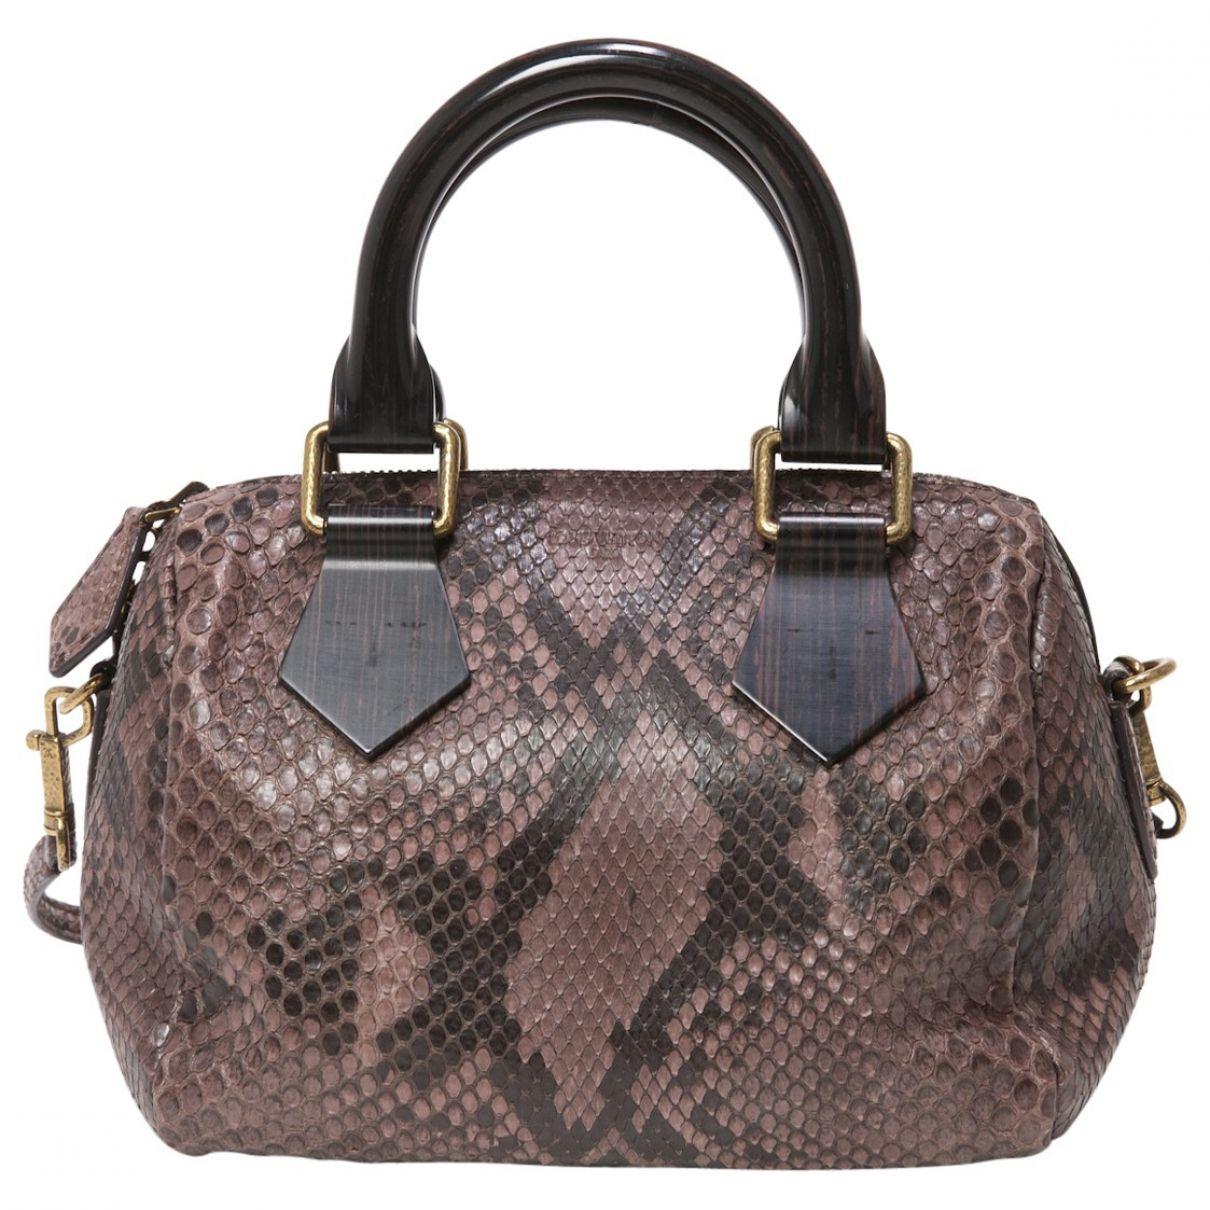 9e05b78d2 LOUIS VUITTON Purple Exotic leathers Handbag